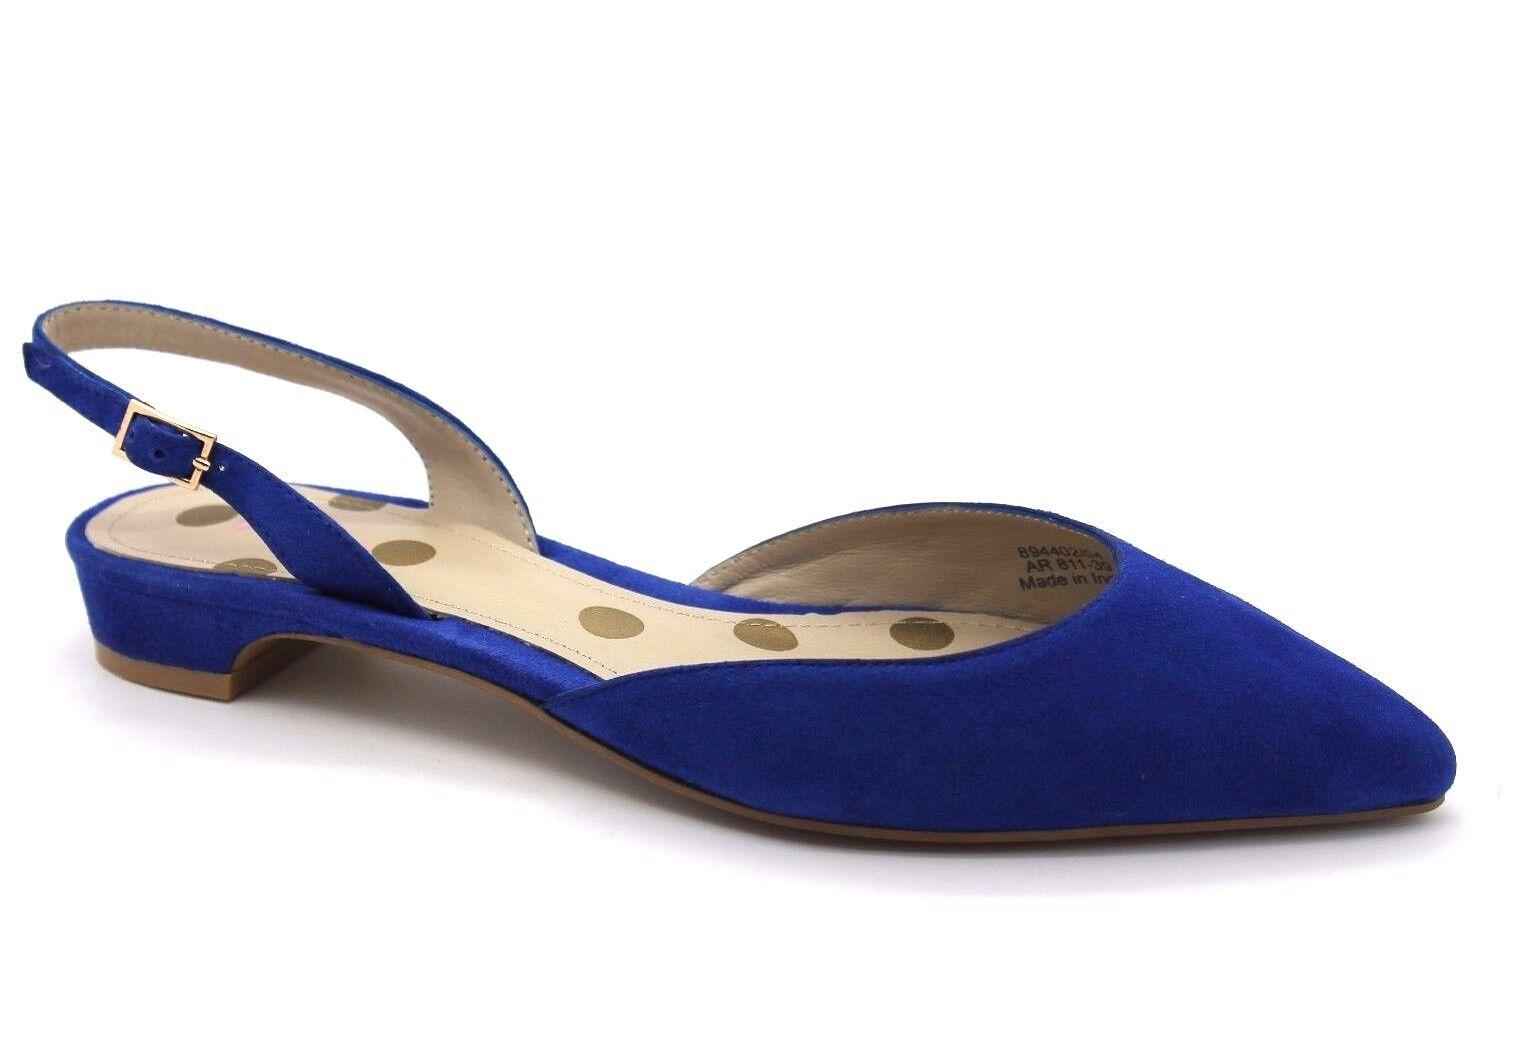 Boden Cecelia Damenschuhe UK Suede 6 EU 39 Blau Suede UK Leder Pointed Slingback New Sandales 8fb054